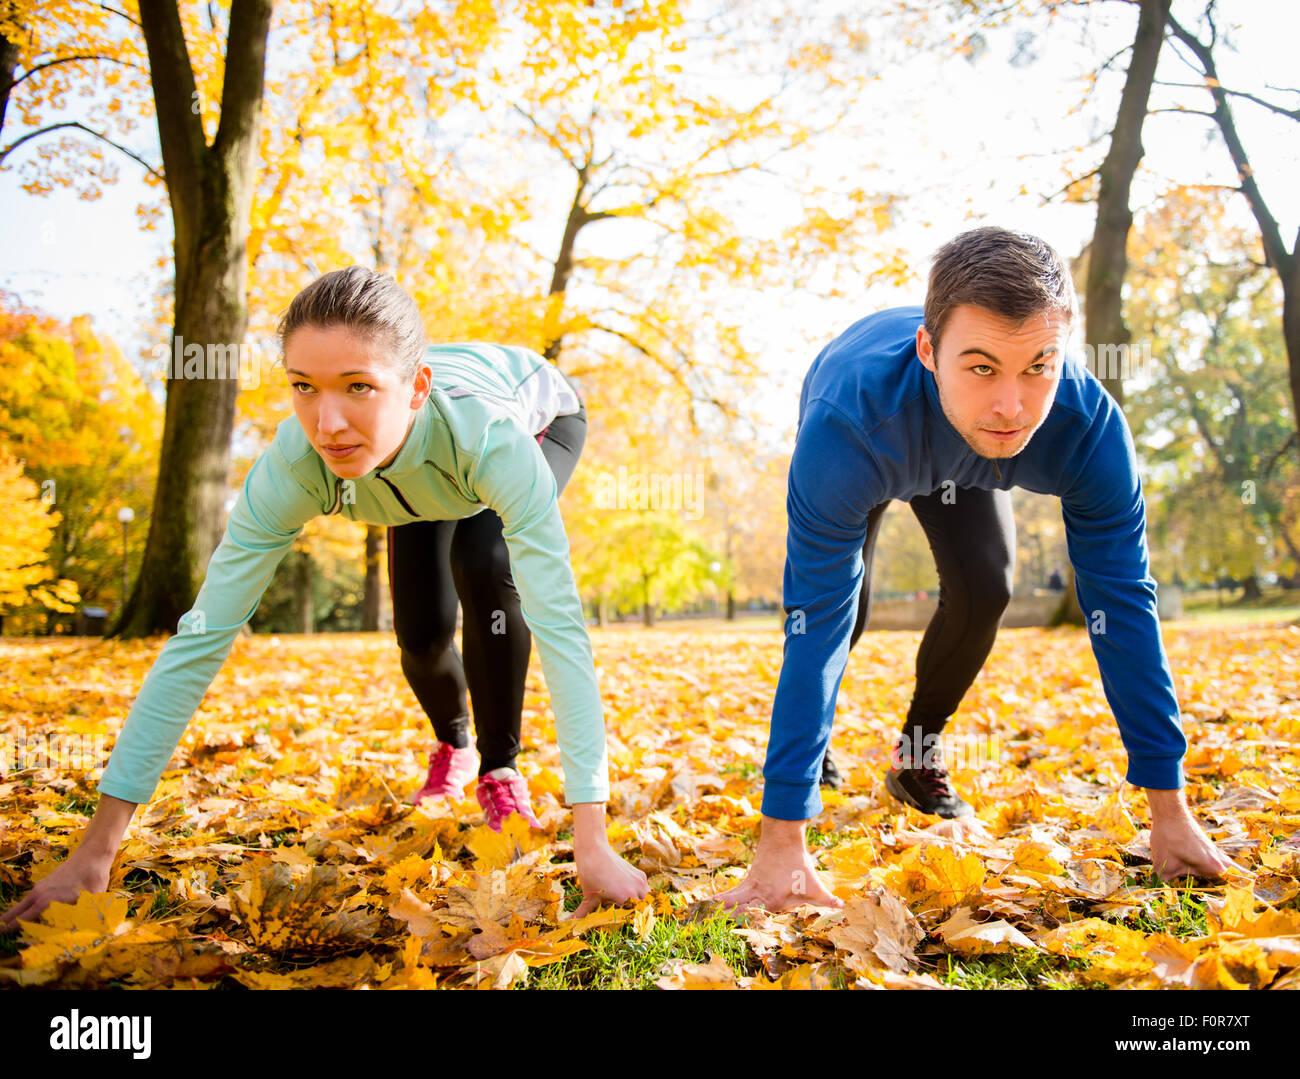 Pareja joven en posición inicial preparado para correr en otoño la naturaleza Imagen De Stock